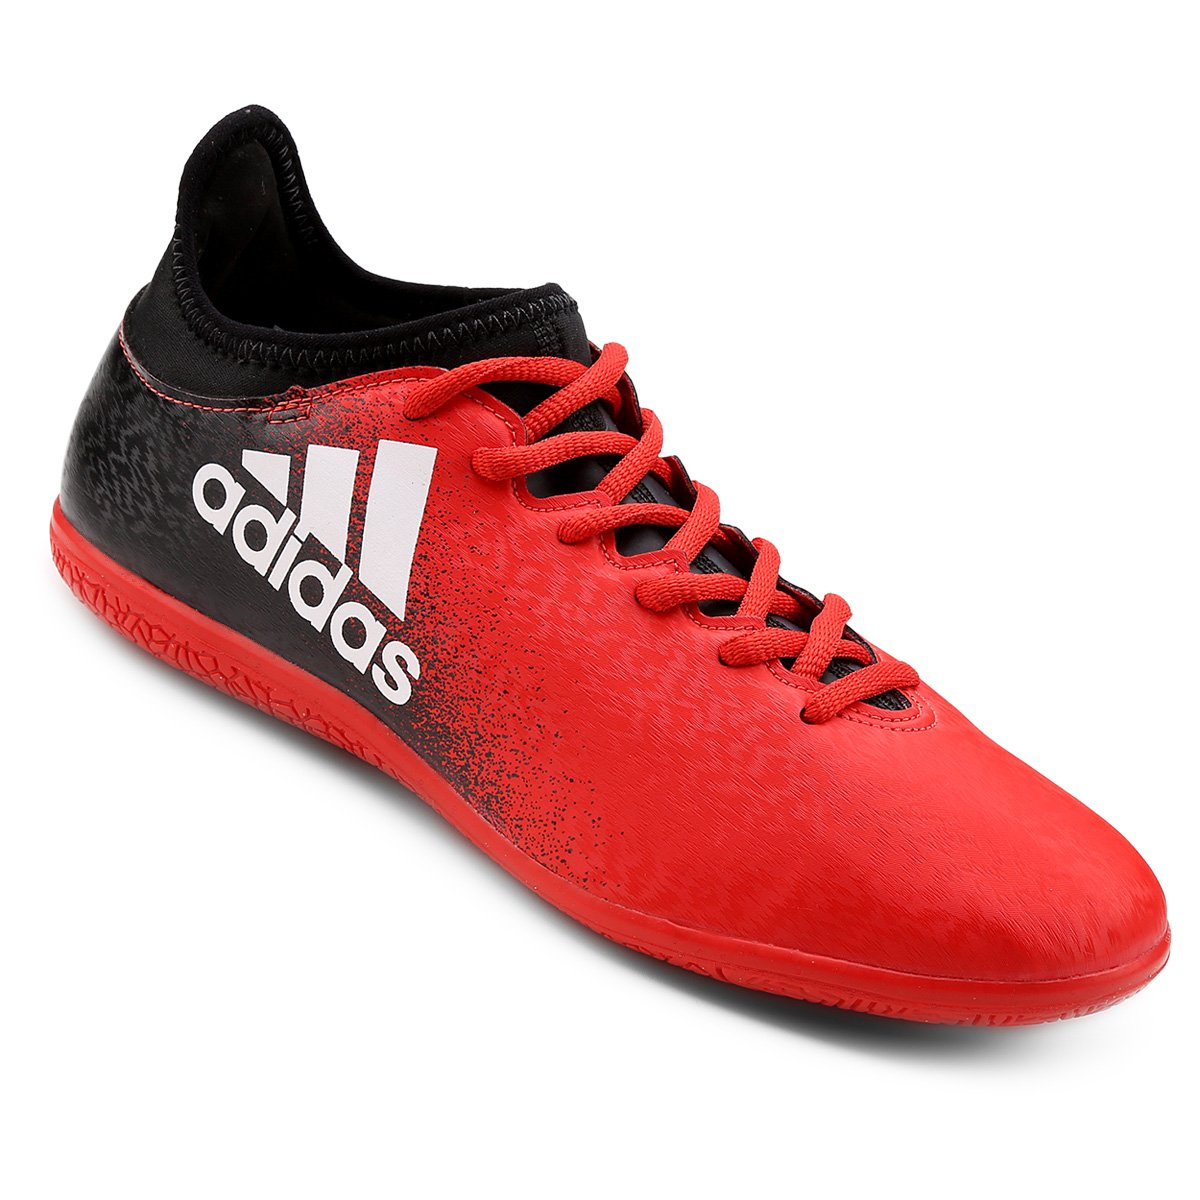 Chuteira Futsal Adidas X 16.3 IN - Compre Agora  8d44e40104800